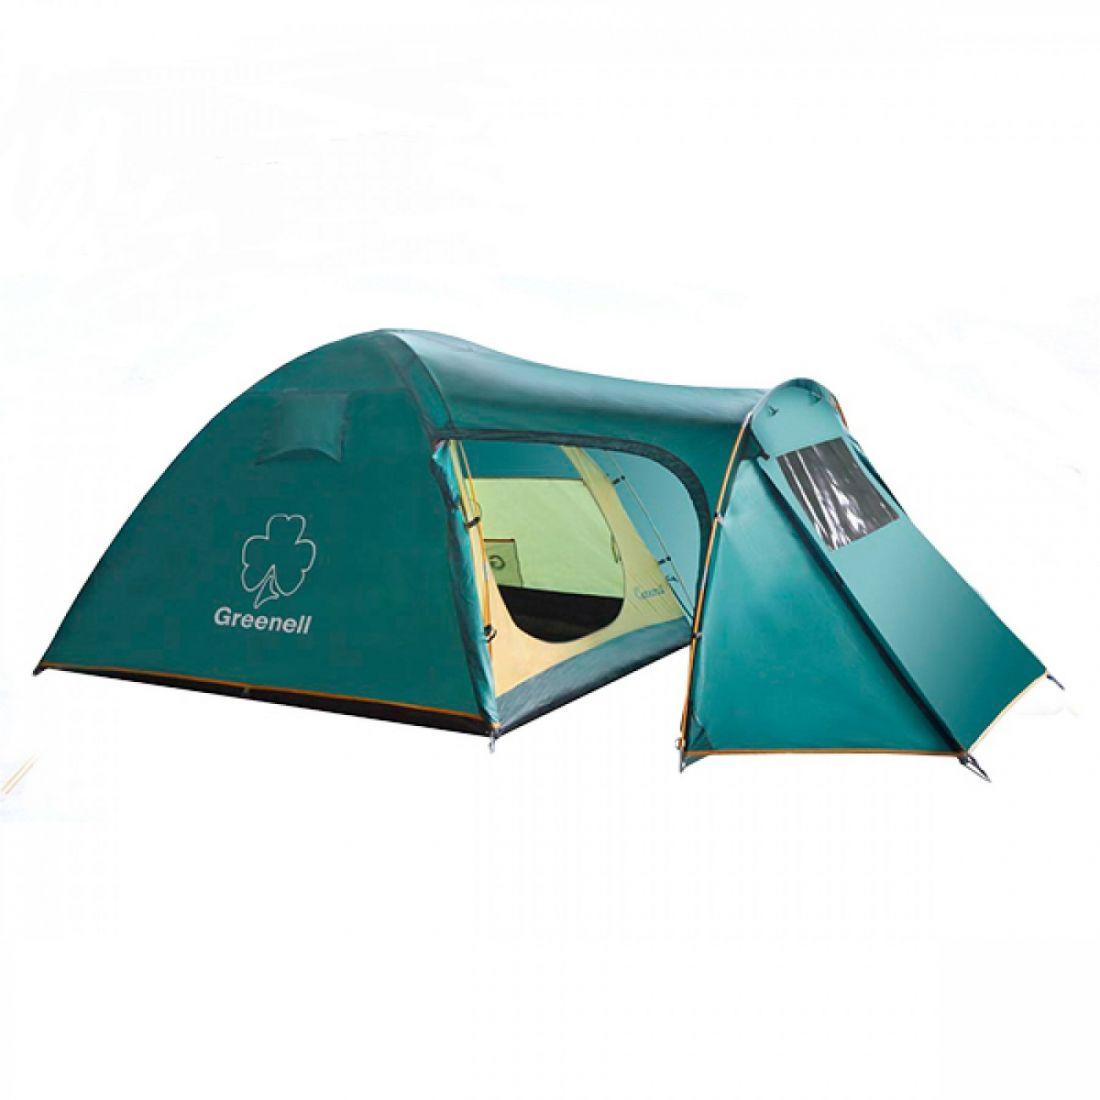 GREENELL КАВАН 4 комфортабельная палатка